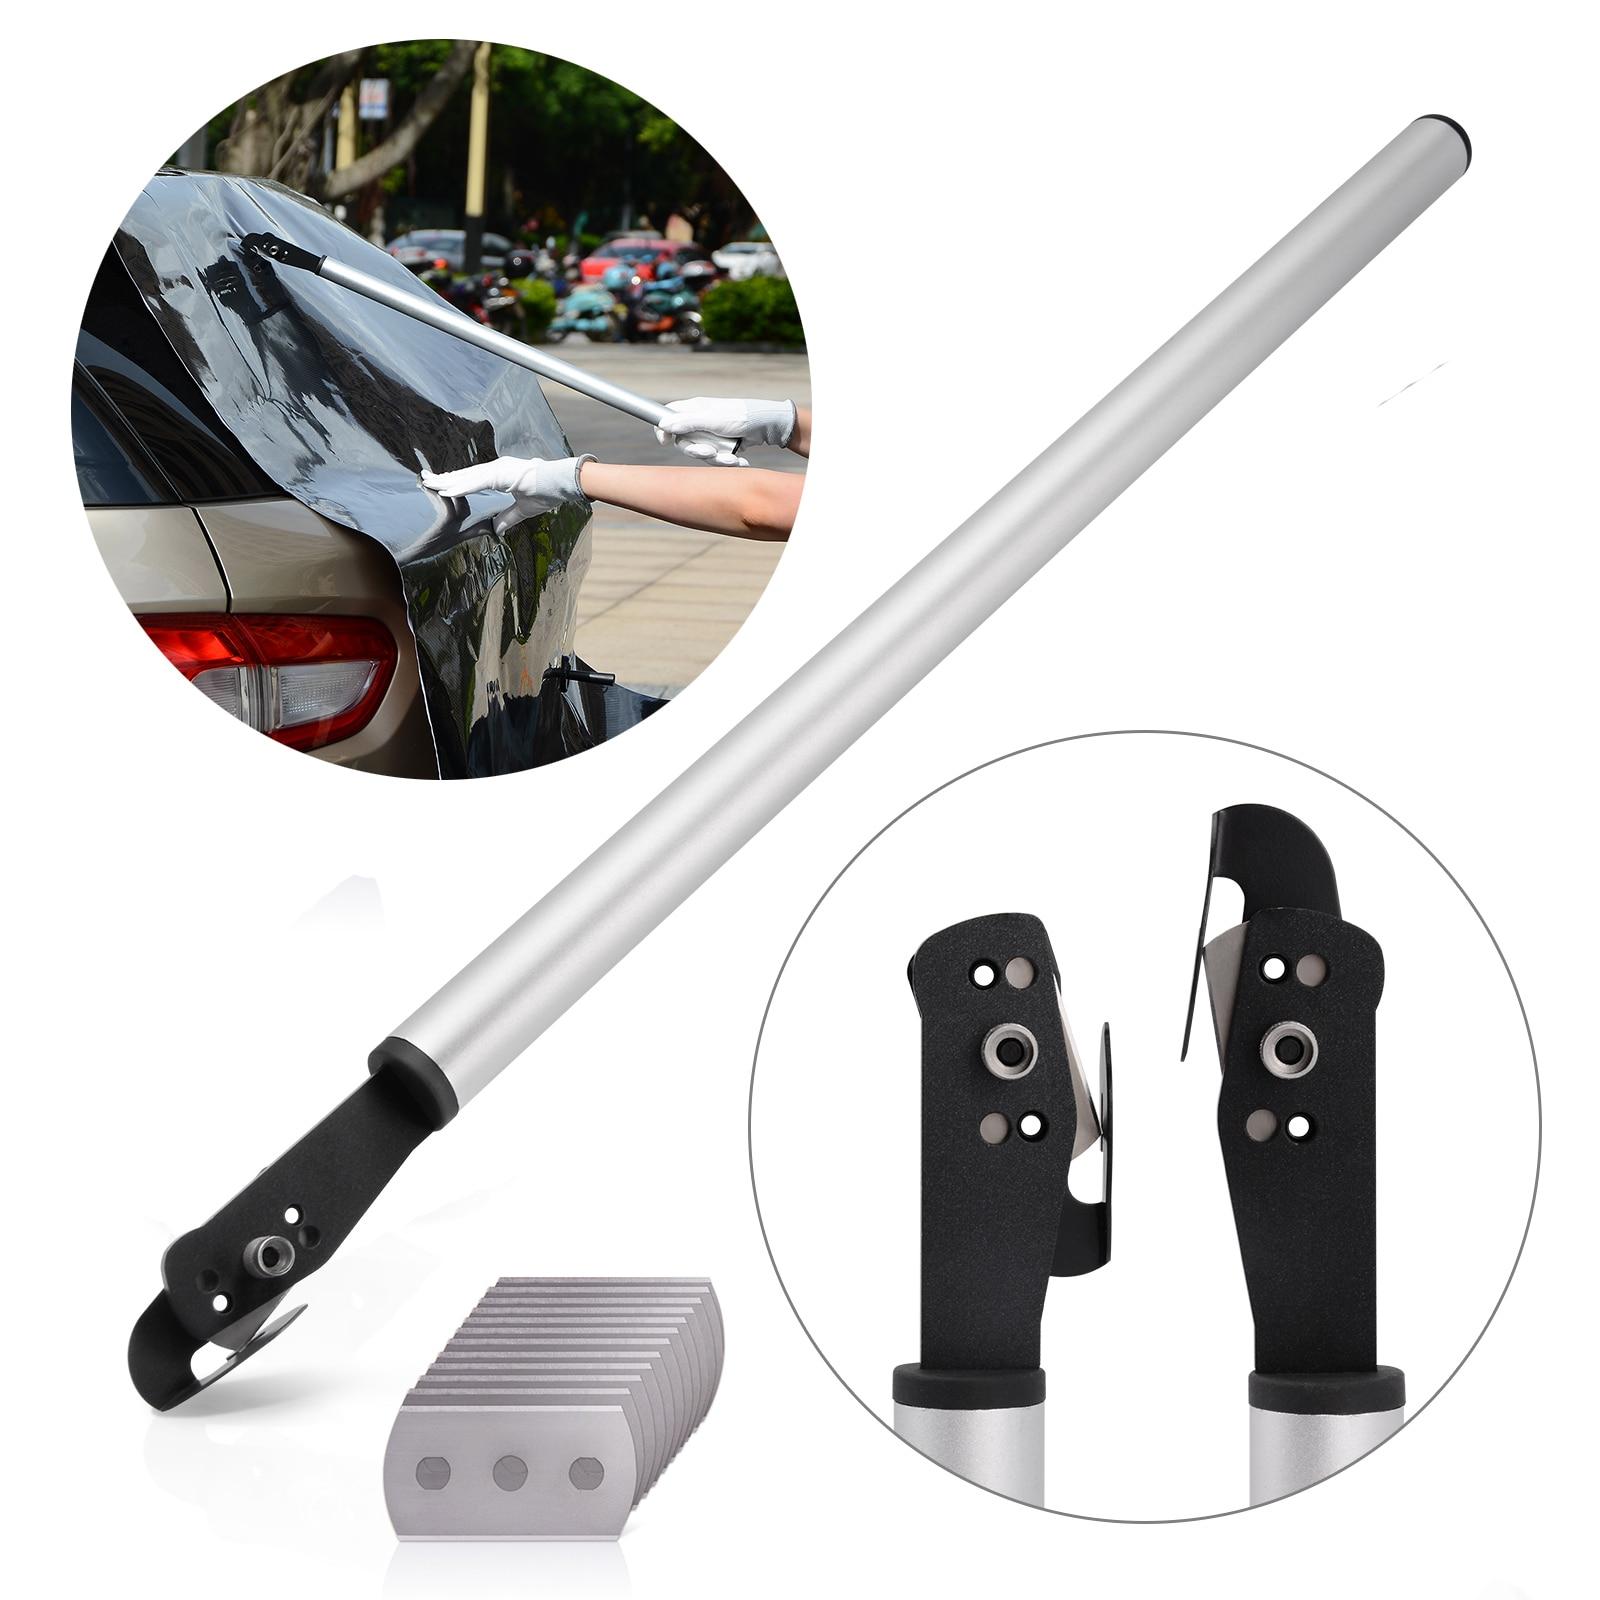 FOSHIO 23 дюймов ручка виниловая пленка тефлоновый резак многофункциональный нож + 10 шт. лезвие обои Автомобильная Наклейка Режущий инструмент